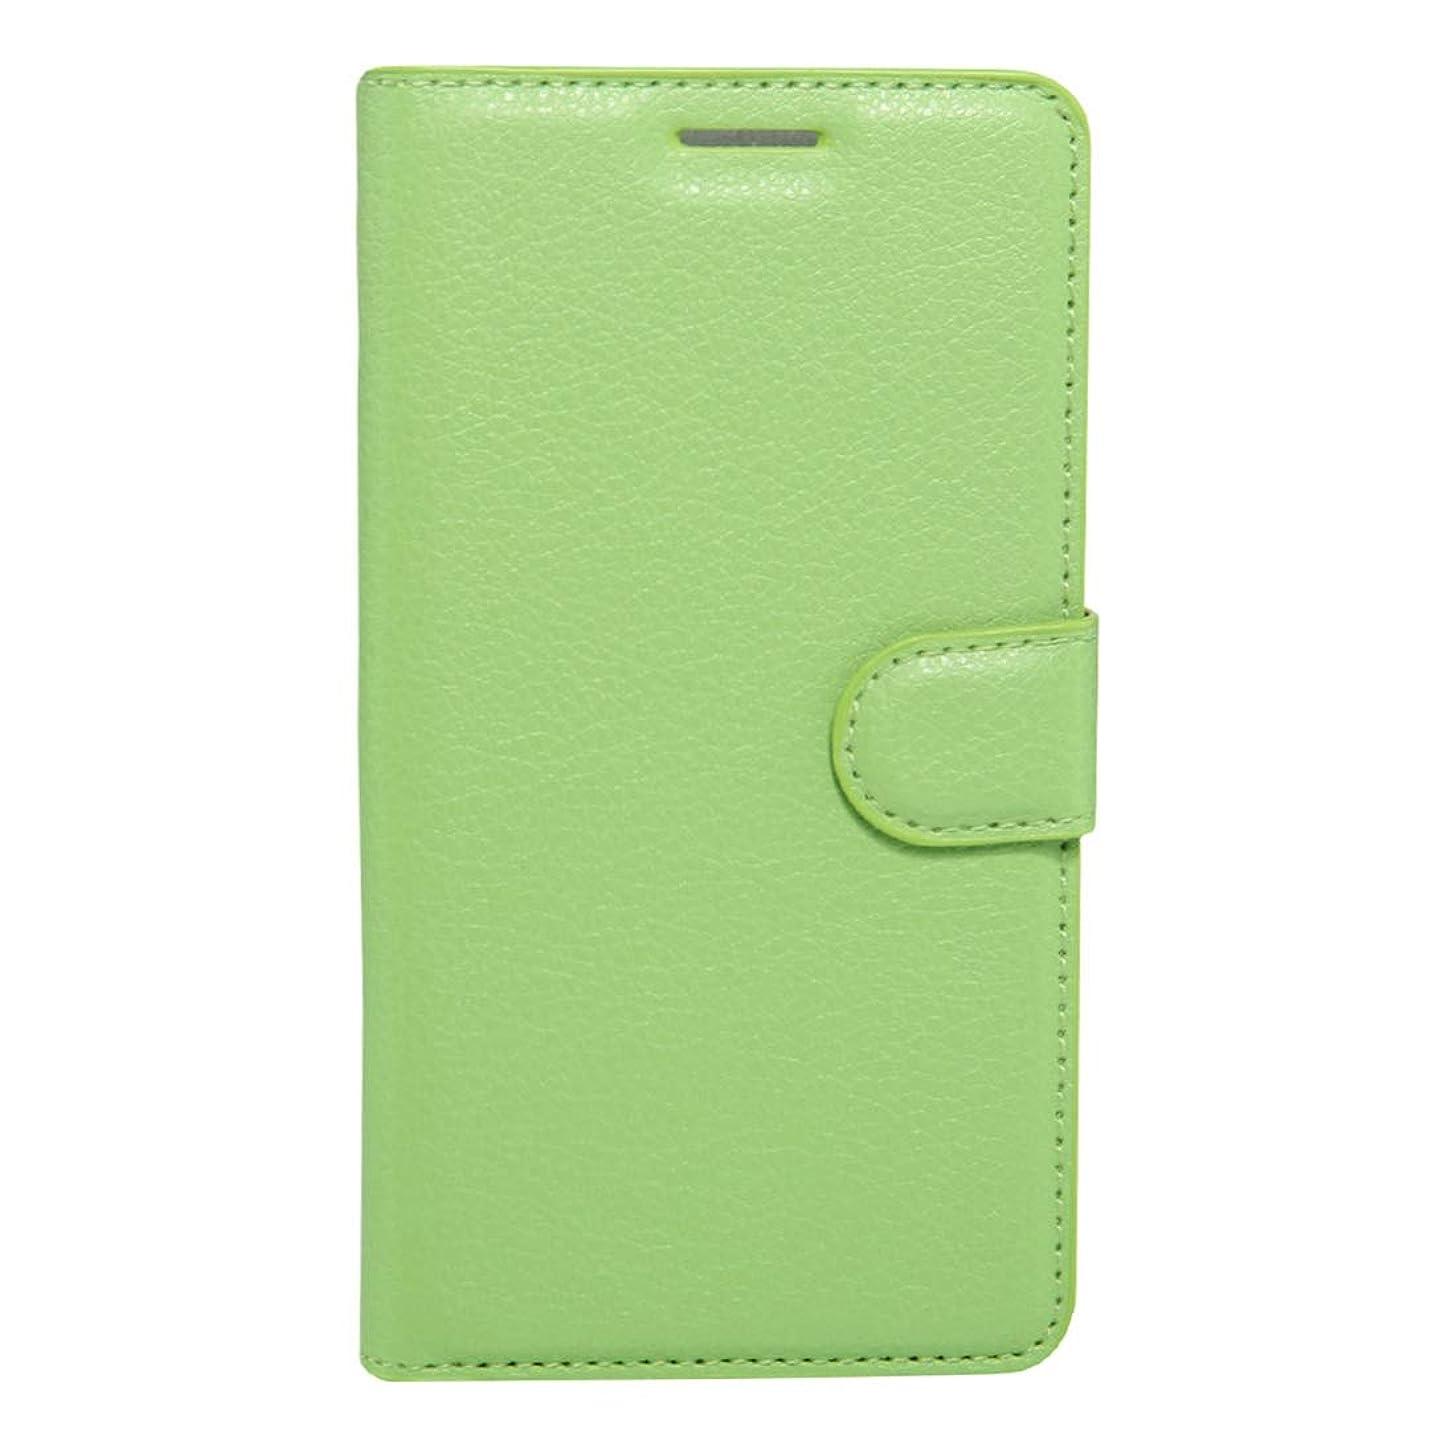 認める疑いしなやかKMLP Huawei Honor 6x(2016)Litchiテクスチャホルダー&カードスロット&ウォレット(ブラック)付き水平フリップPUレザーケース (Color : Green)